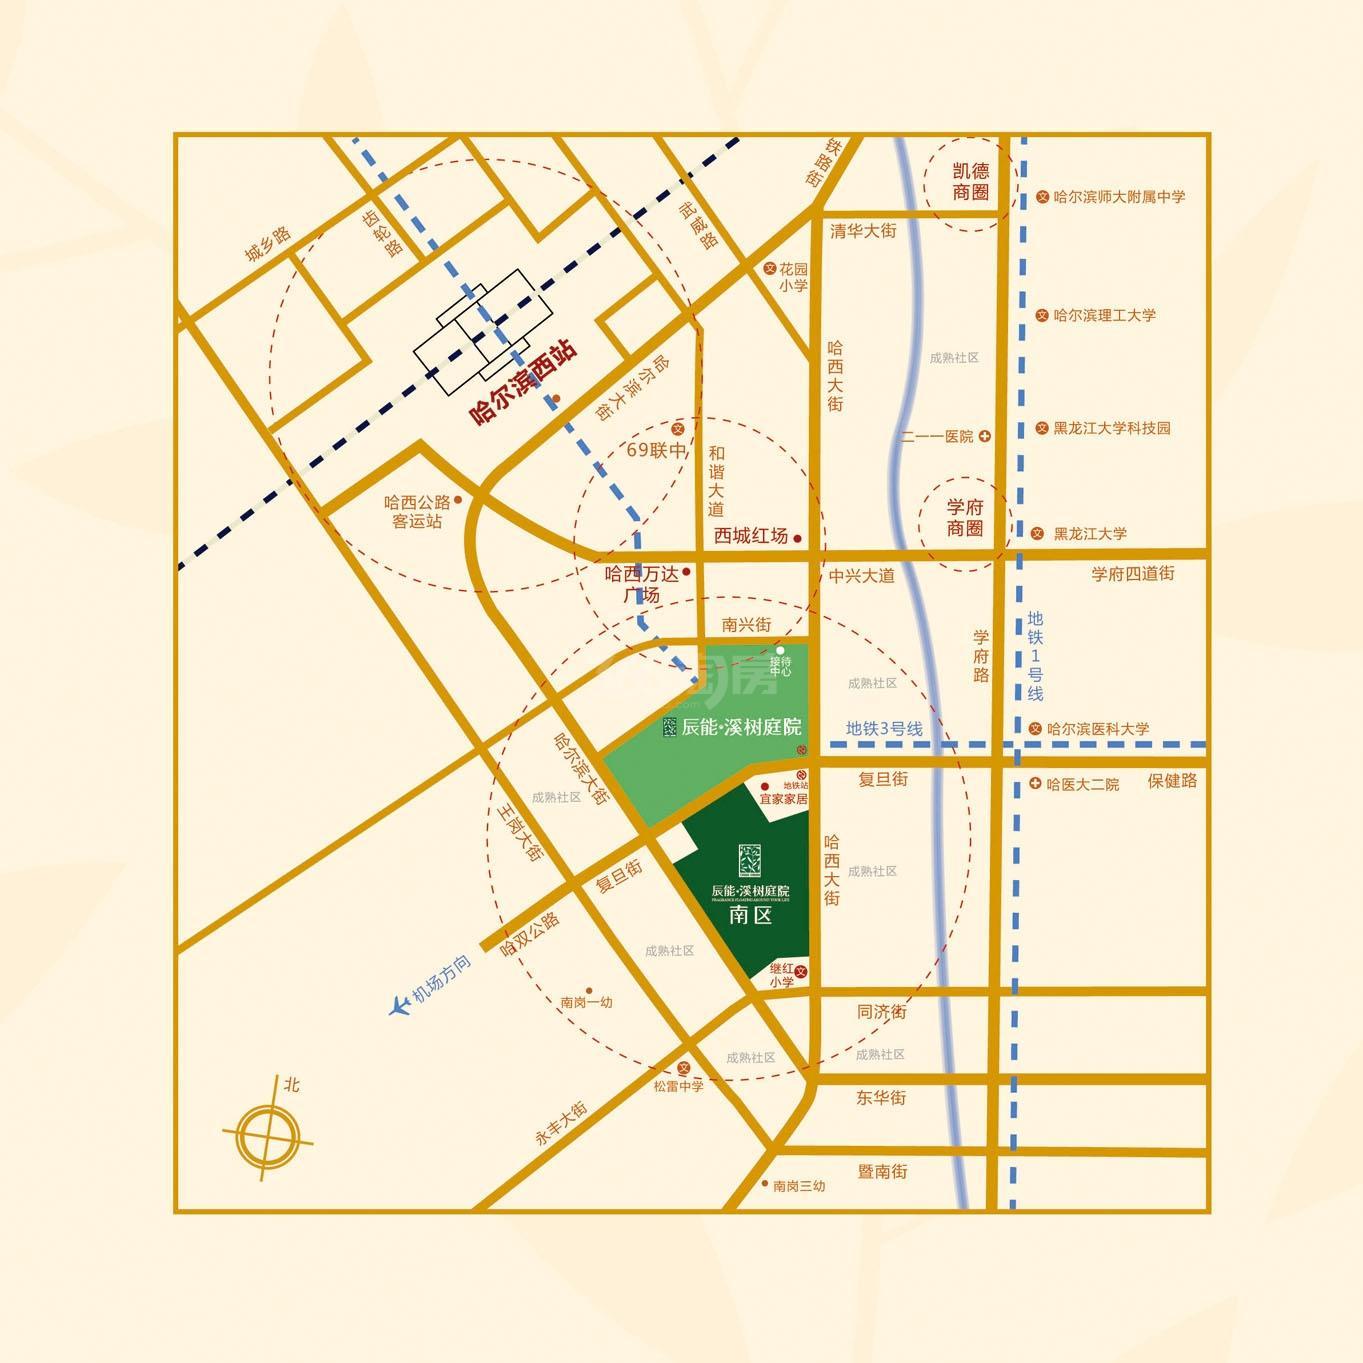 辰能·溪树庭院(南区)交通图